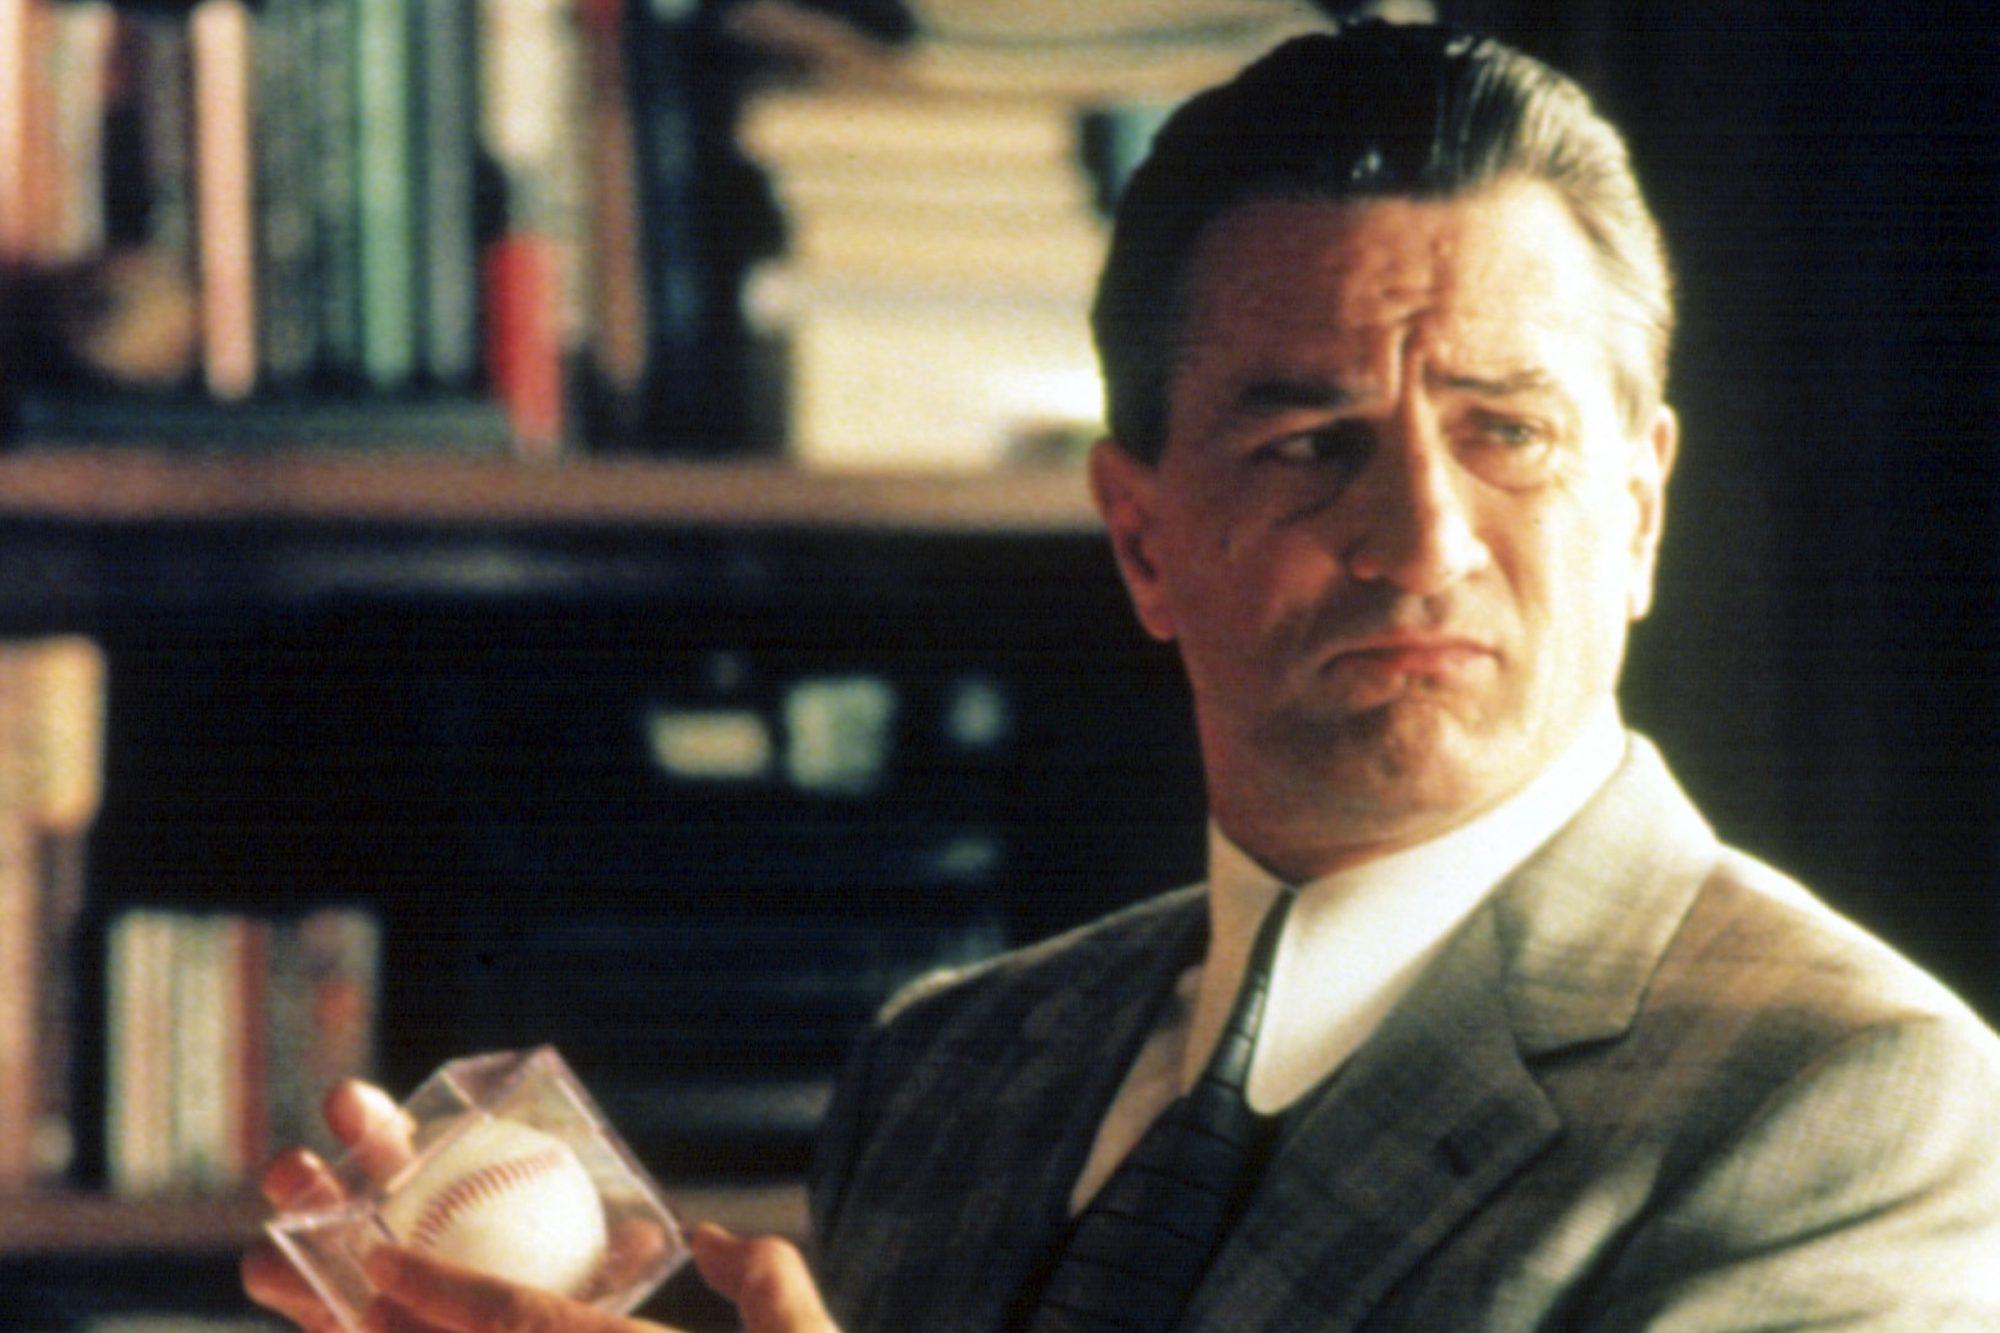 Robert De Niro S Best Roles The Irishman Godfather Part Ii Ew Com